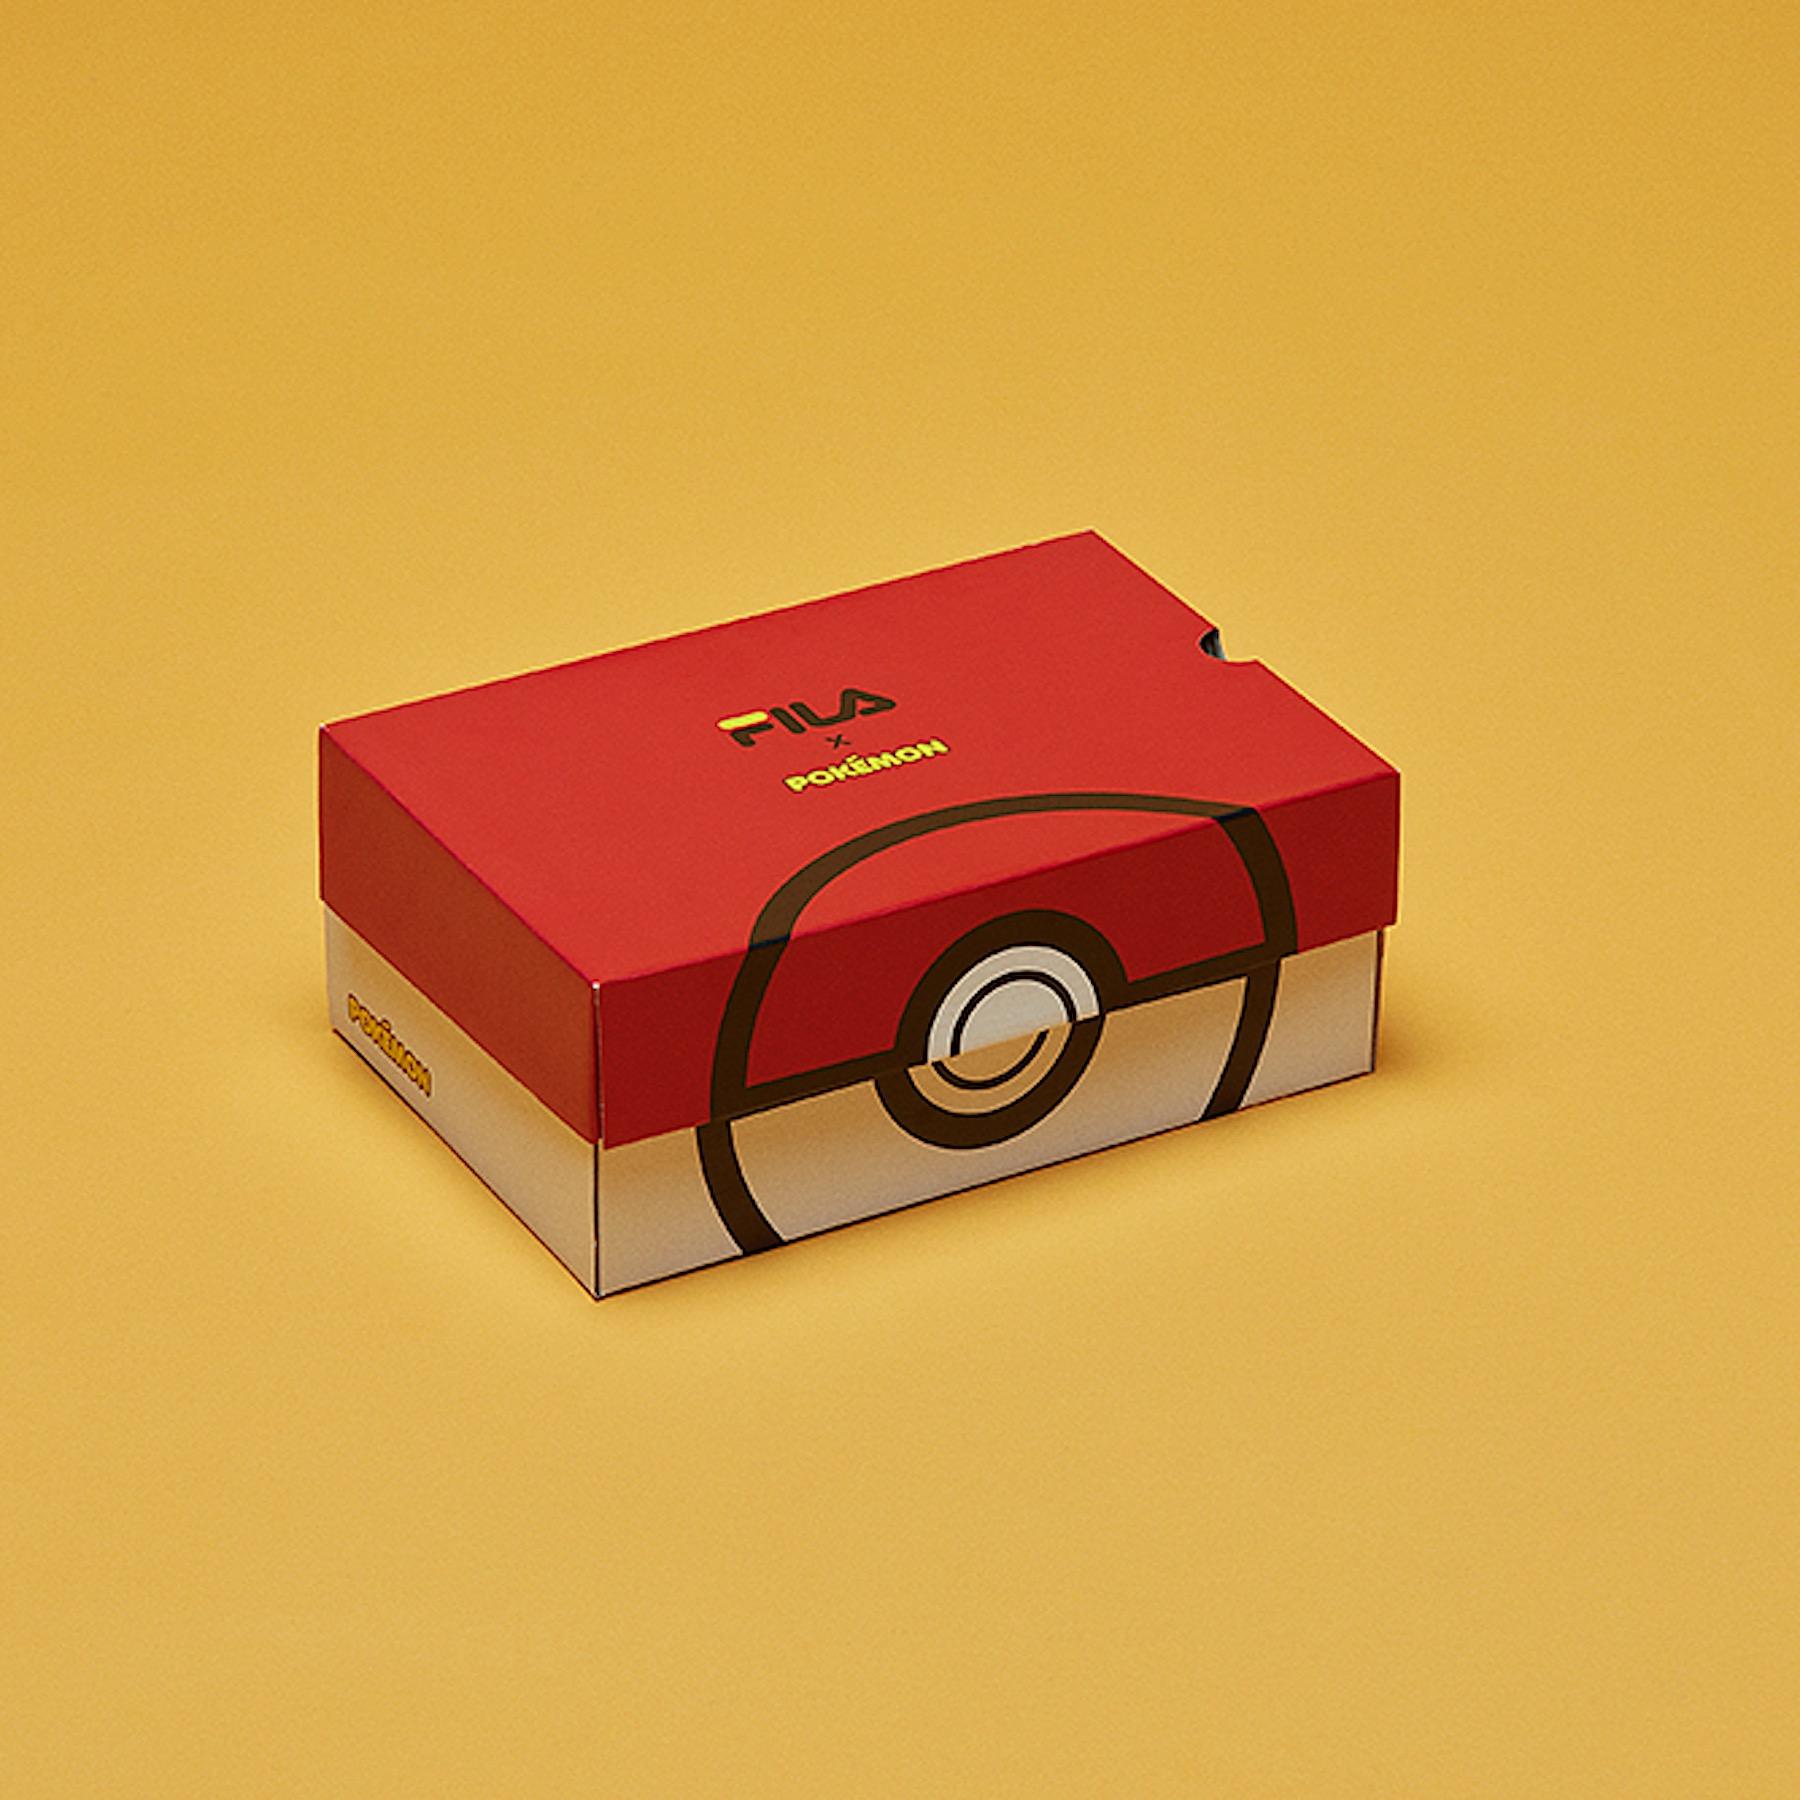 Pokemon x Fila